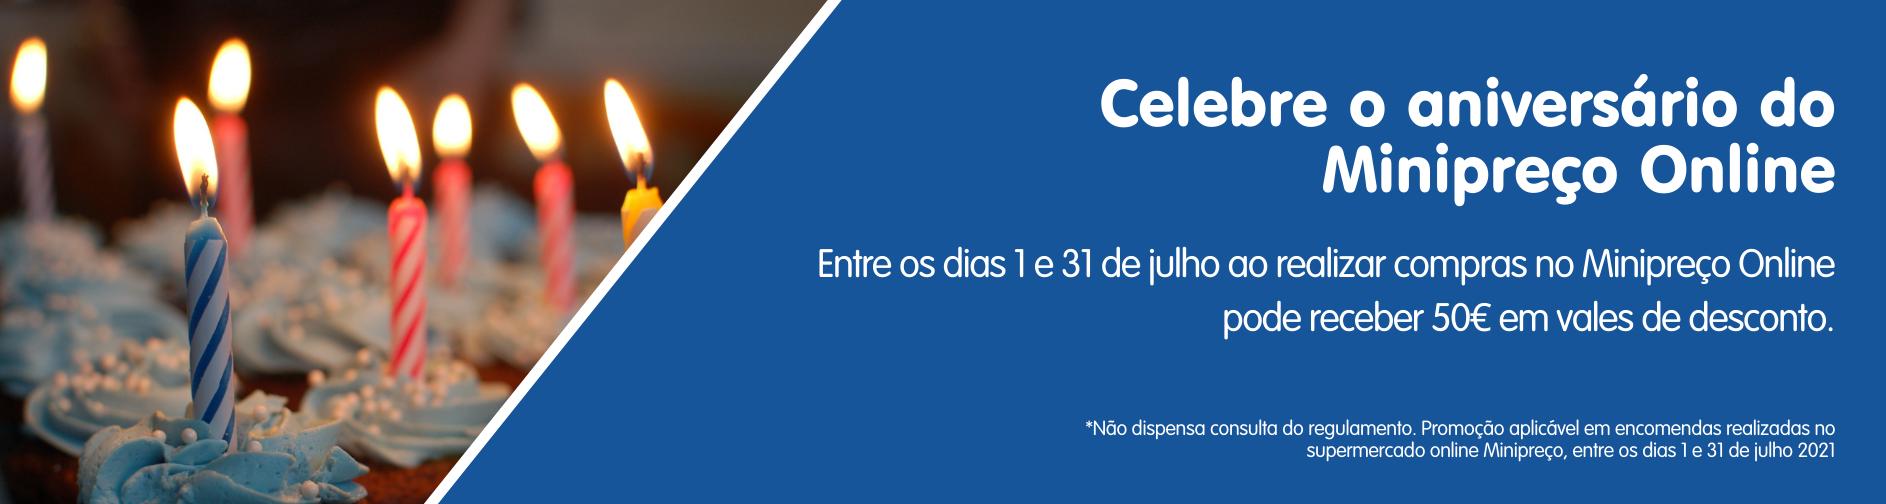 Celebre o aniversário do Minipreço Online